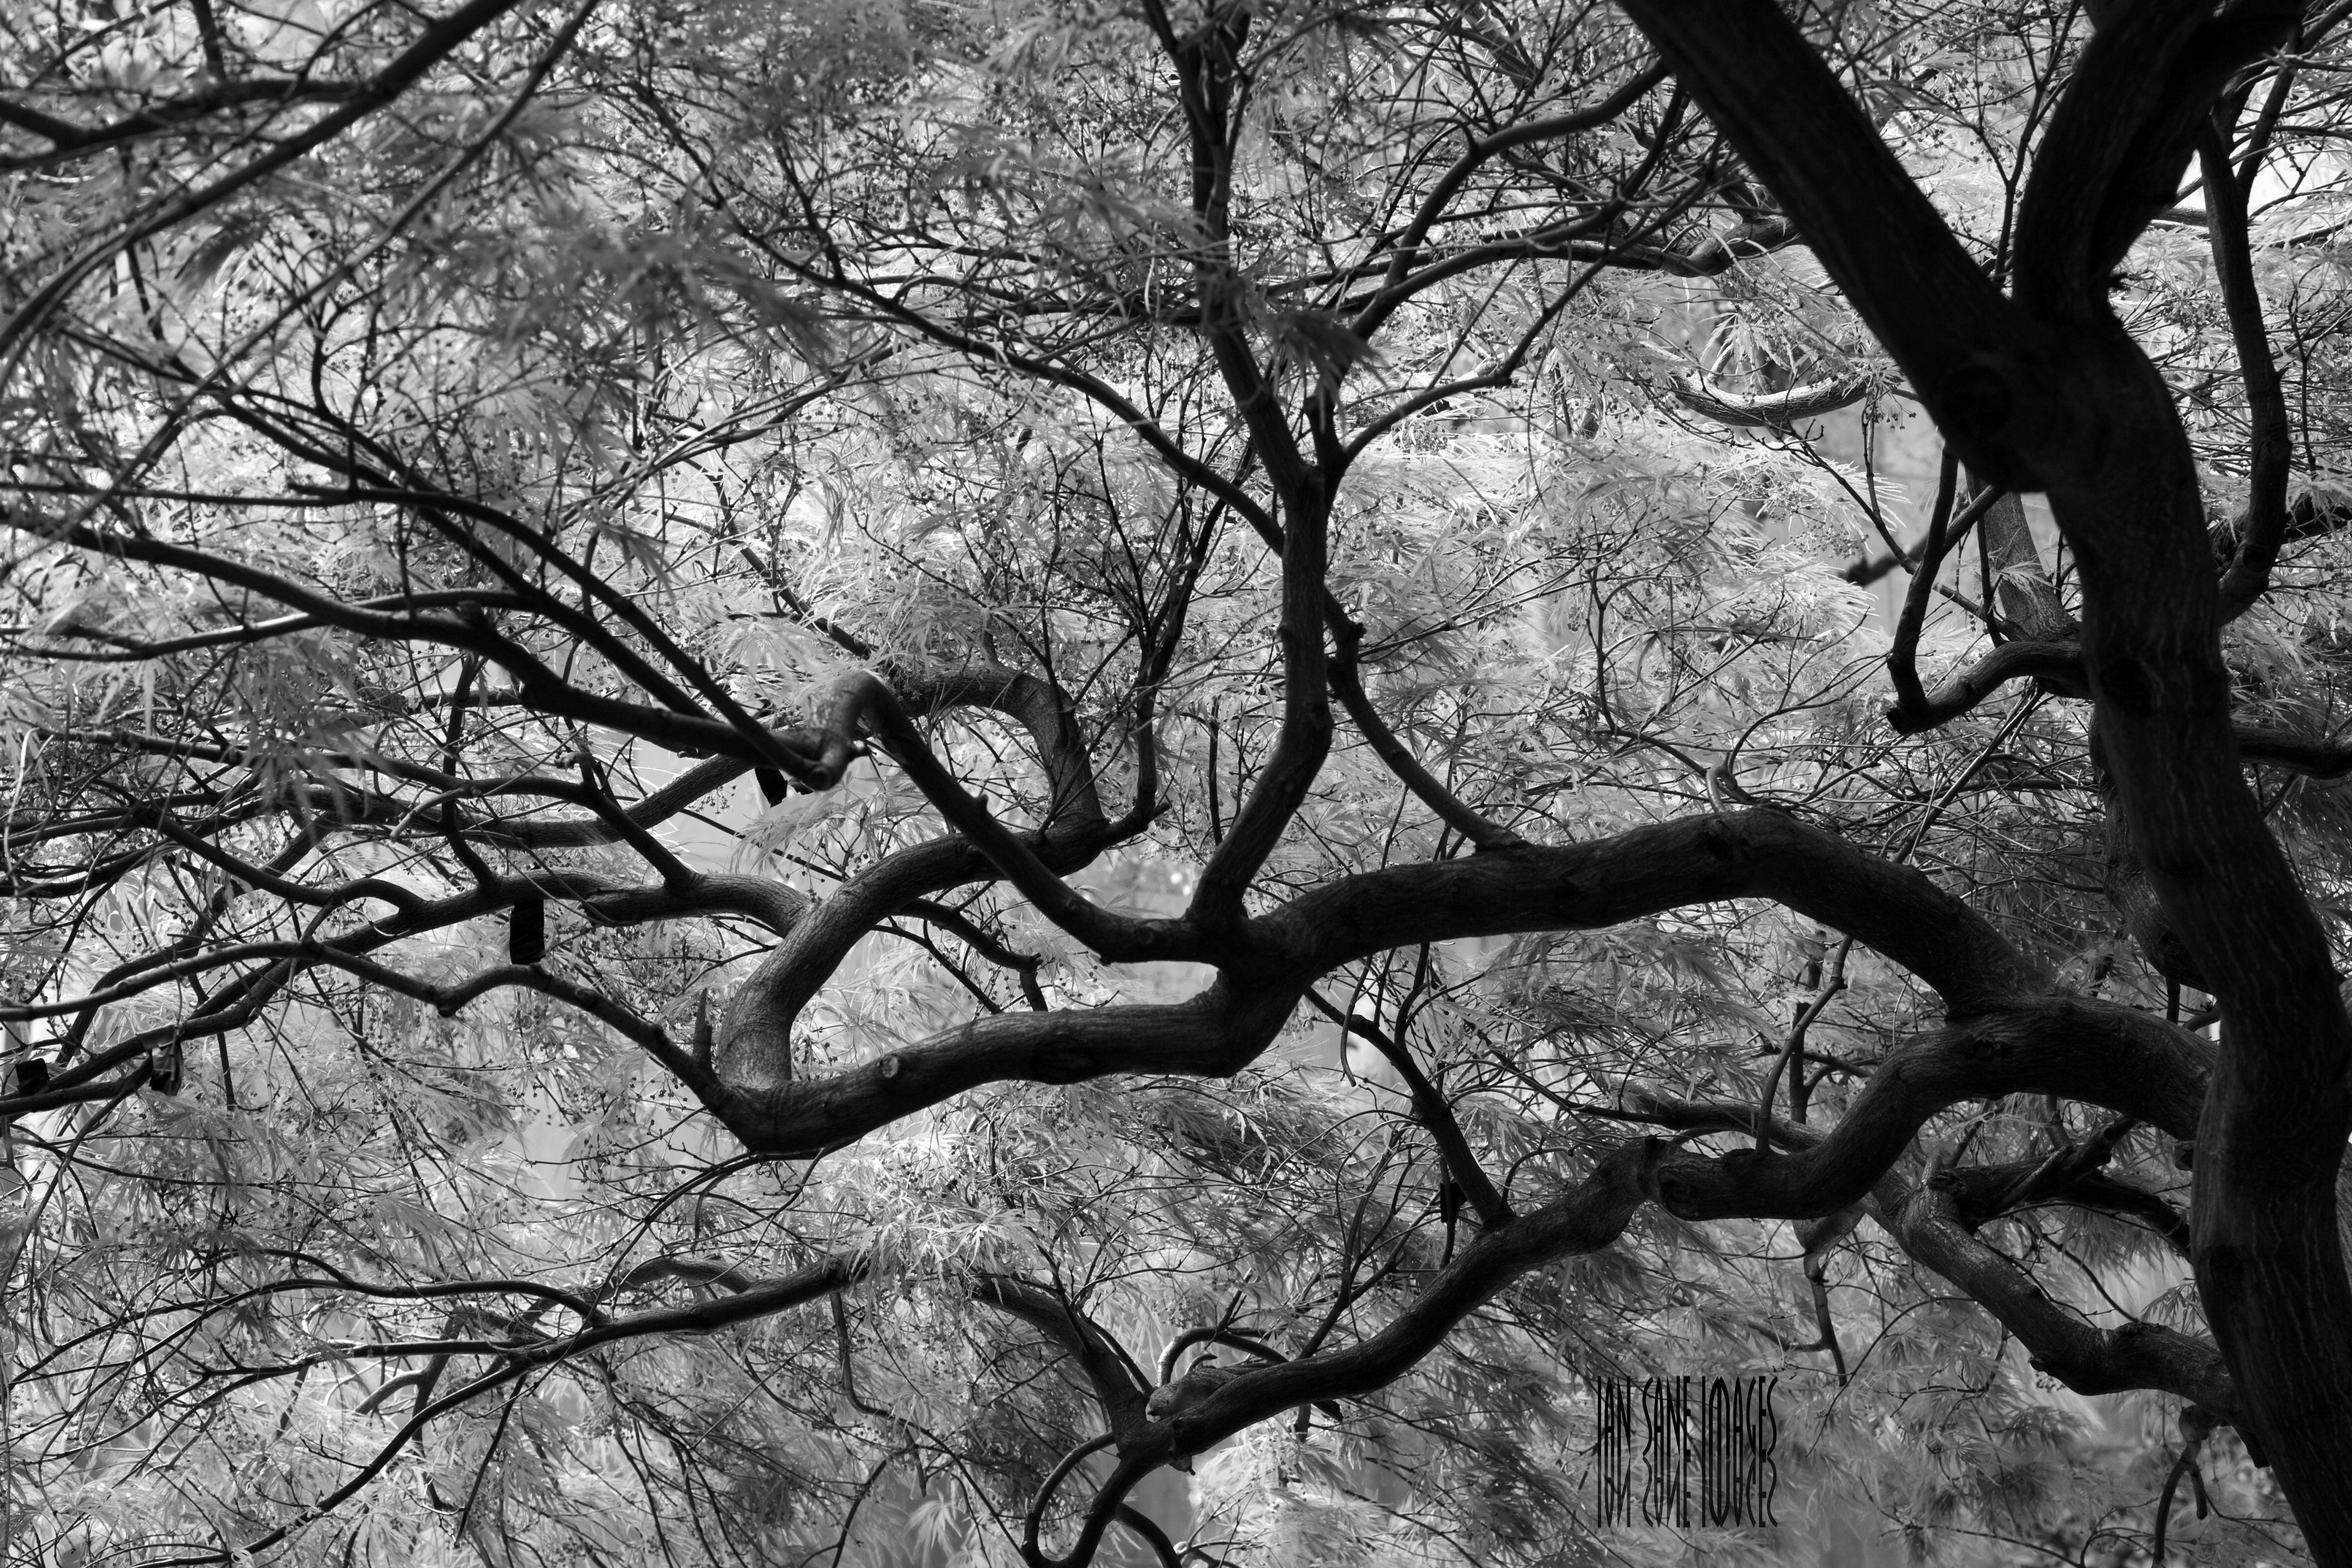 Fotos gratis : árbol, naturaleza, bosque, rama, flor, invierno, en ...